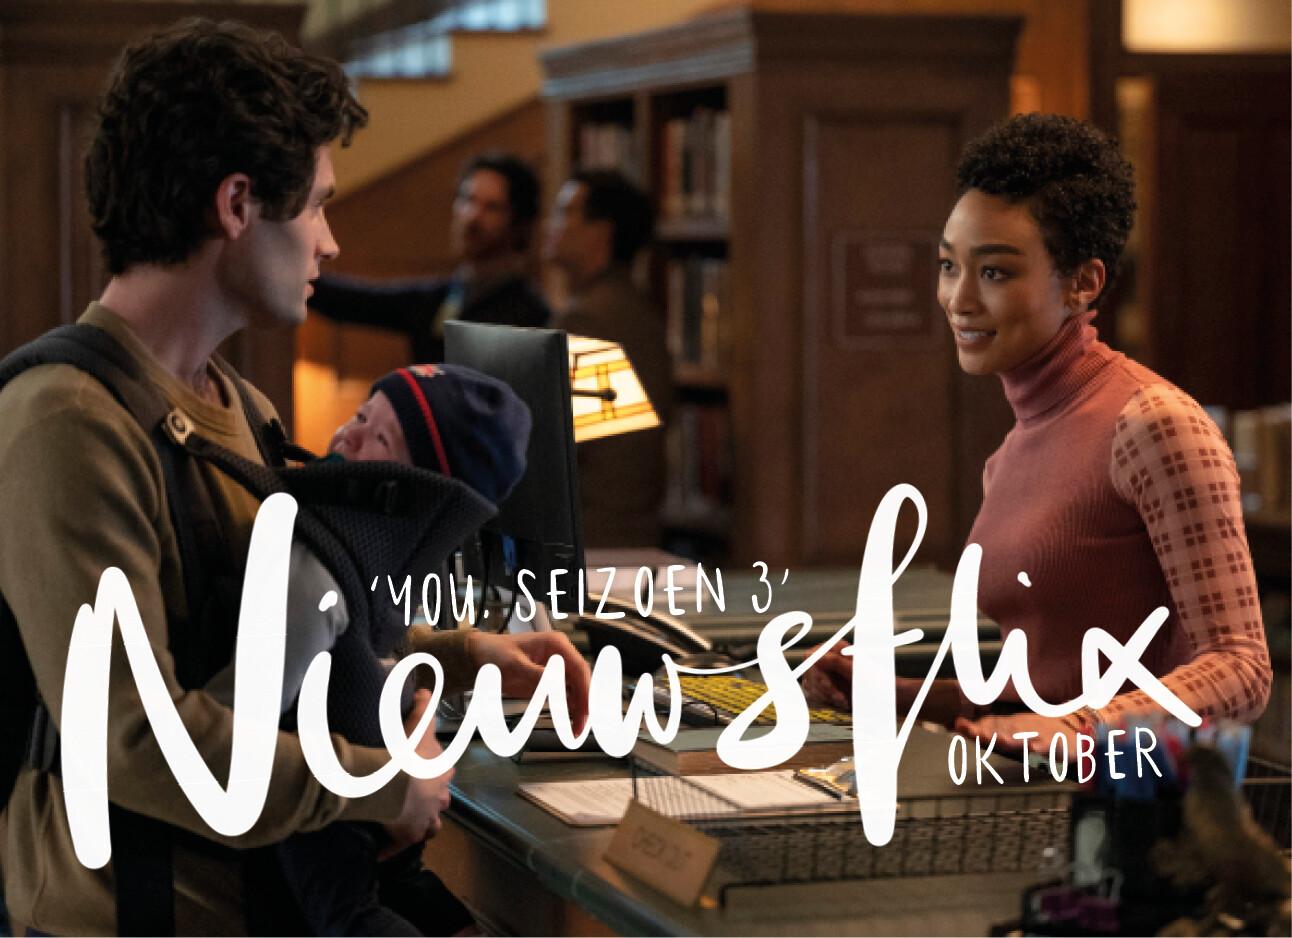 Nieuwsflix oktober